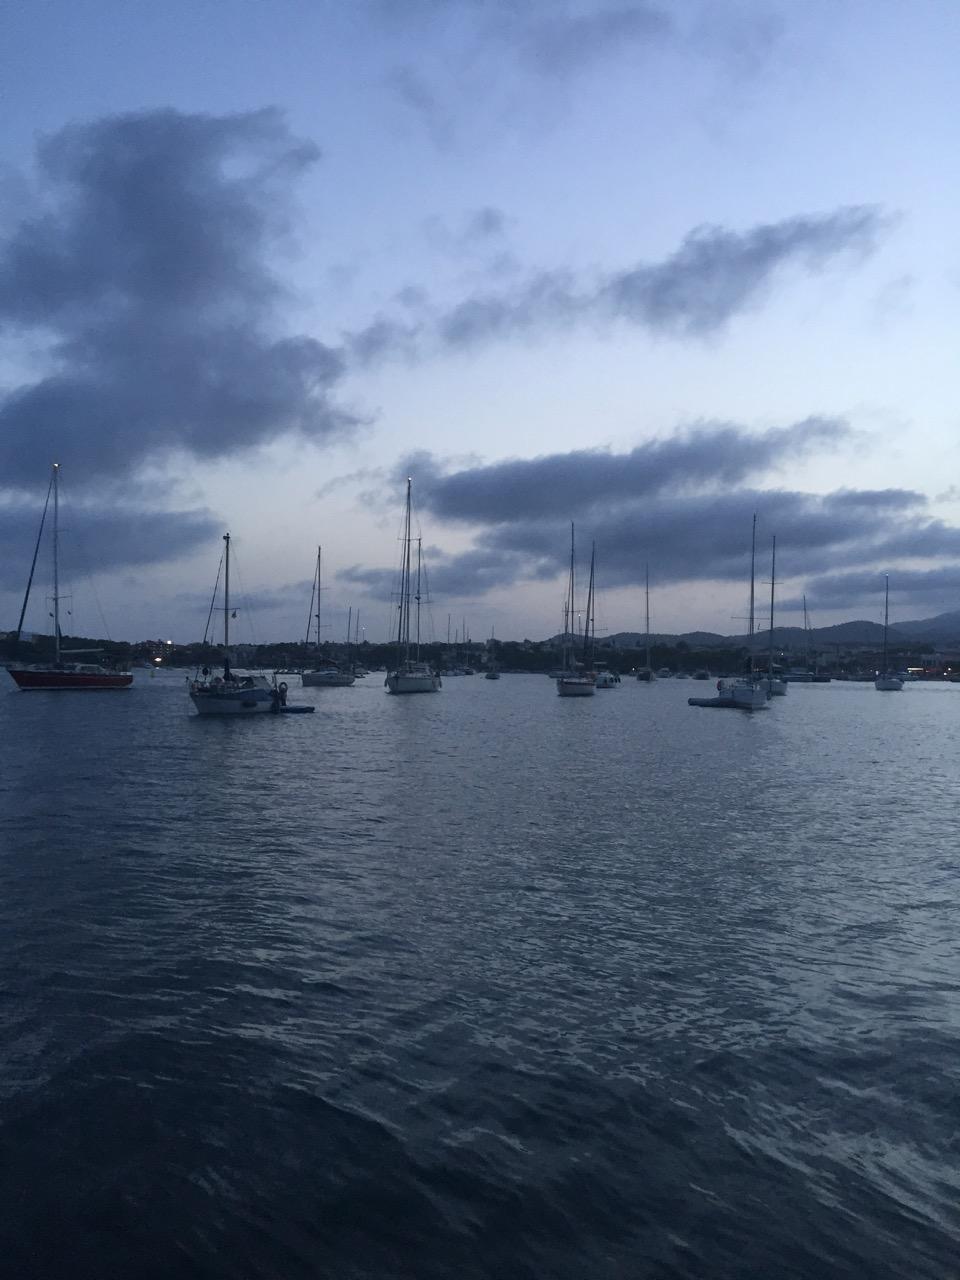 Avond valt over de baai